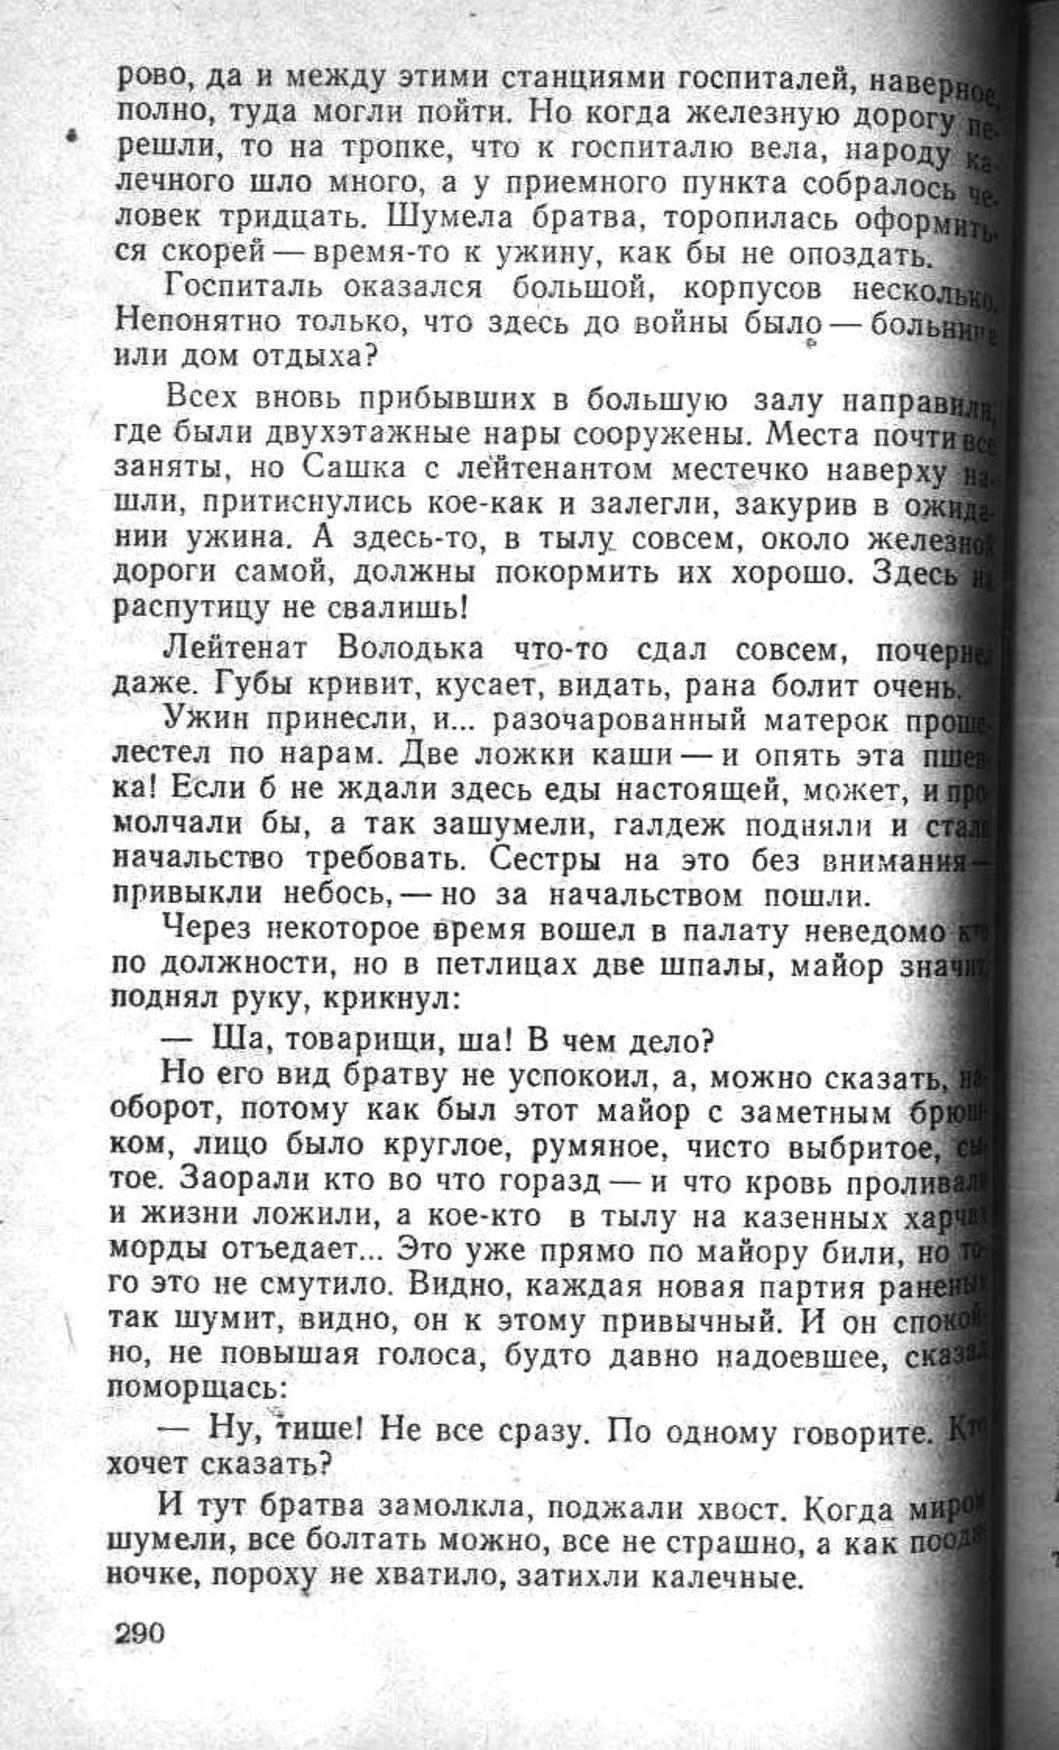 Сашка. Повесть. Вячеслав Кондратьев. 017. 005